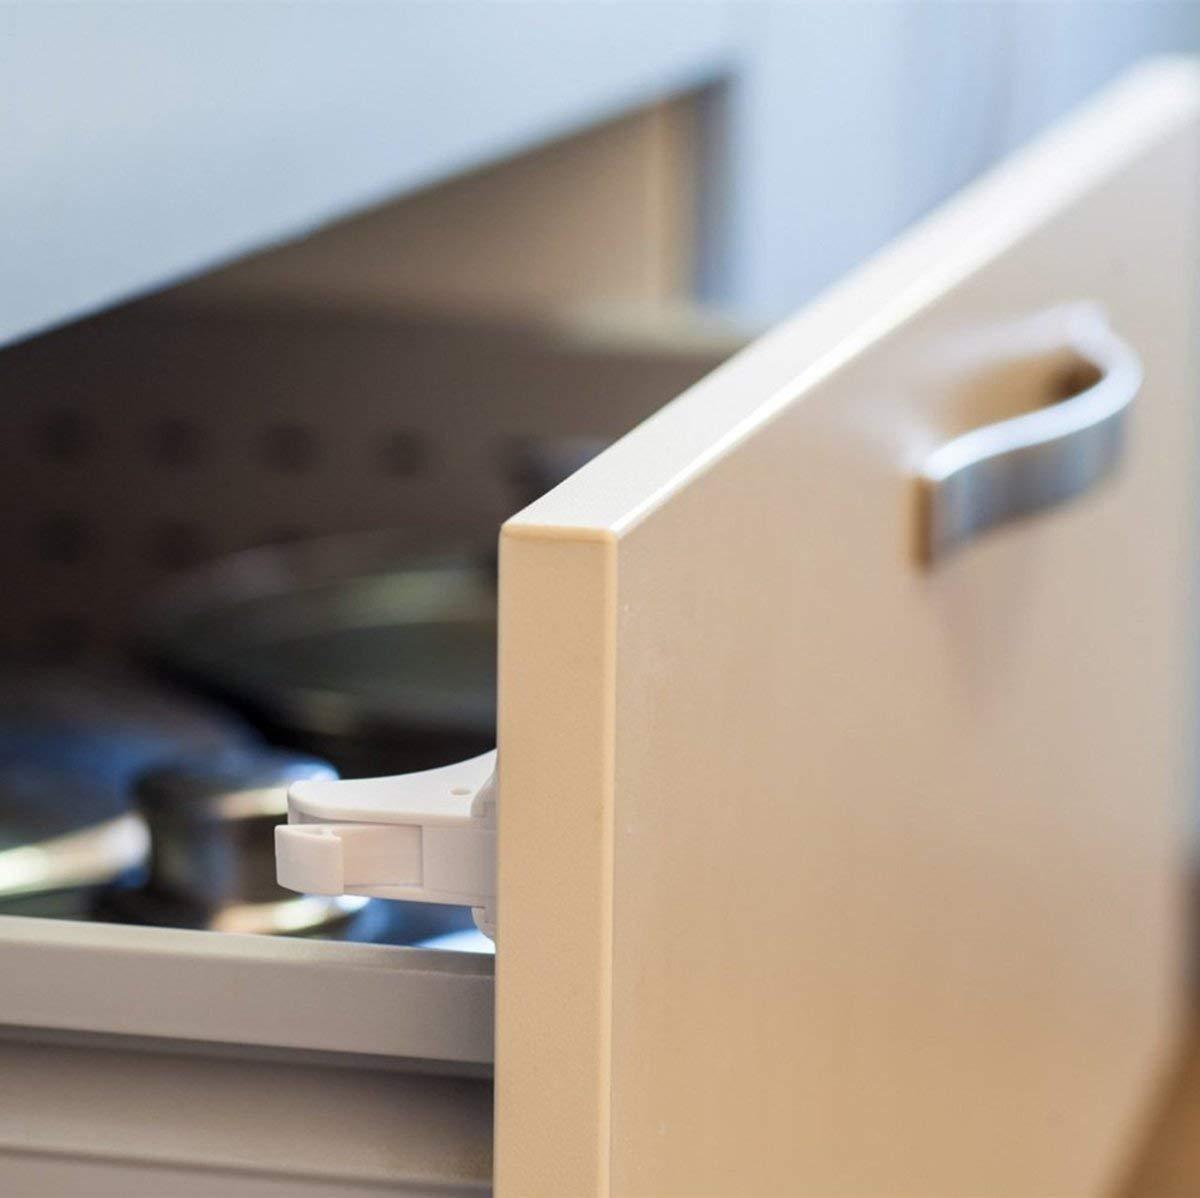 Bloqueo de Seguridad para Beb/és Dokon Cerraduras Magn/éticas de Seguridad para Ni/ños Cierres de seguridad Para Cajones Armarios 10 cerraduras + 2 llaves Sin Tornillos o Perforaci/ón